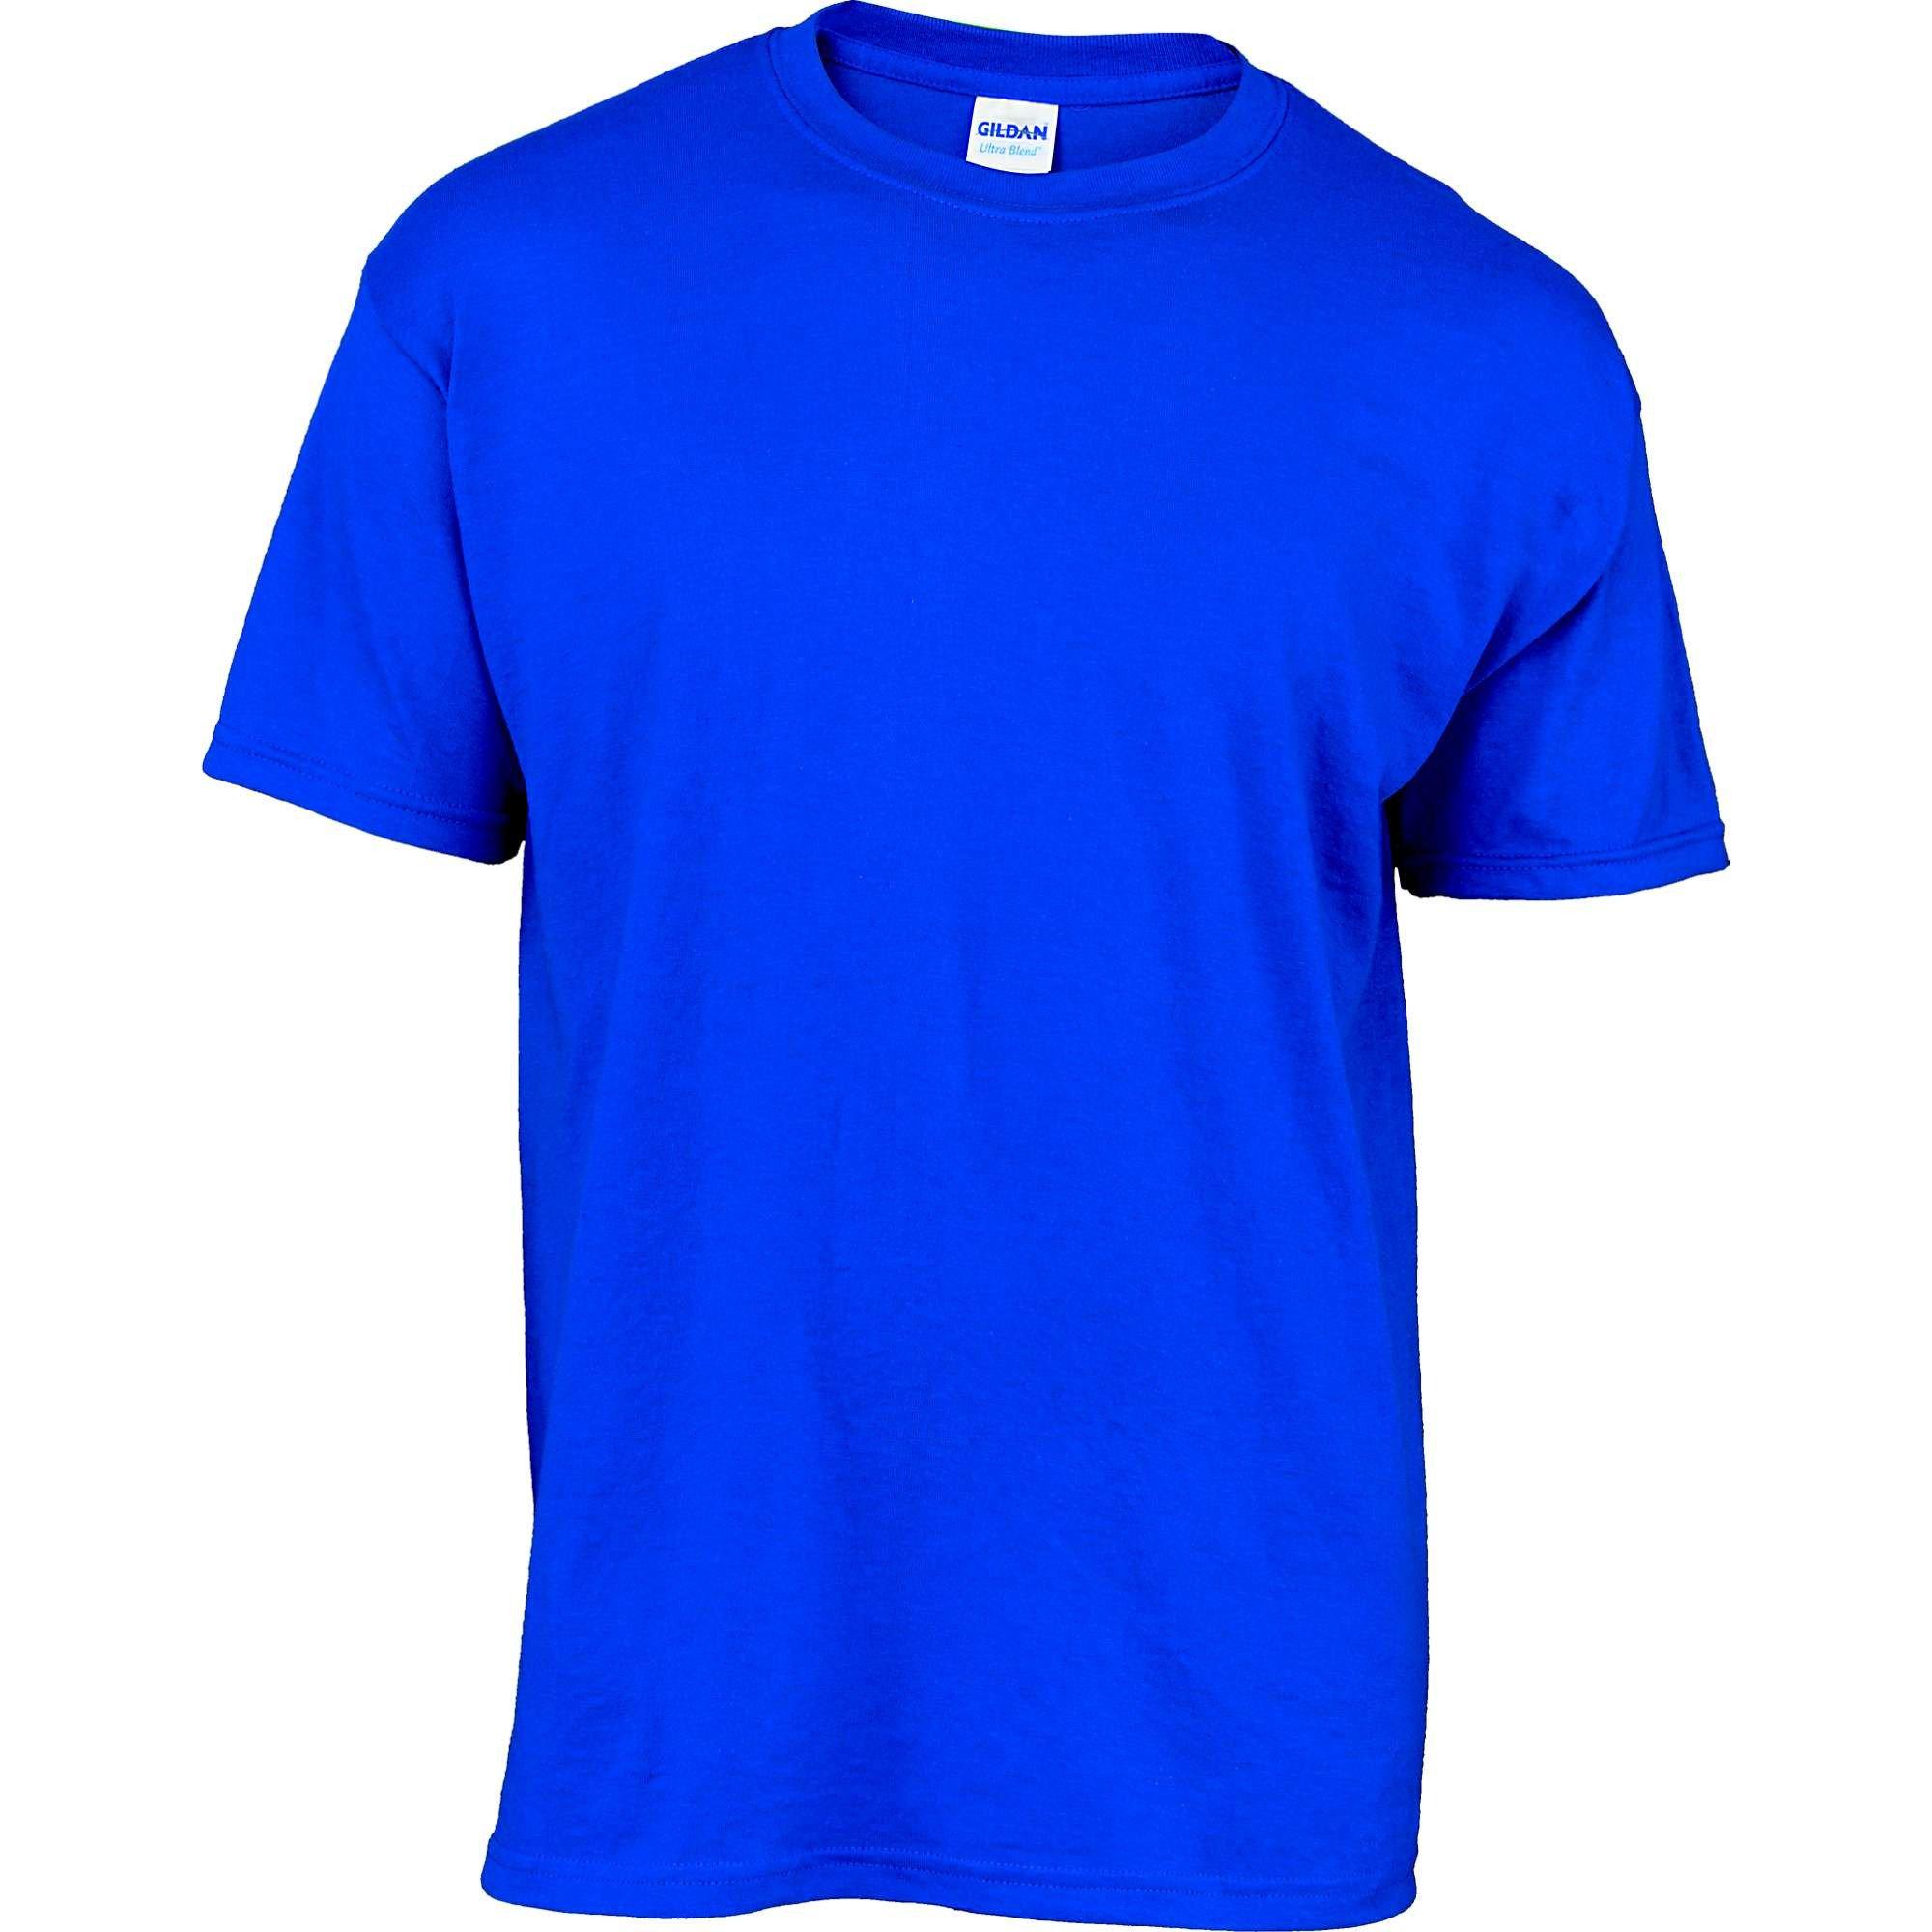 Blue T Shirt Template Gildan Adult 50 50 Customizable 1 Color Logo Camp T Shirt